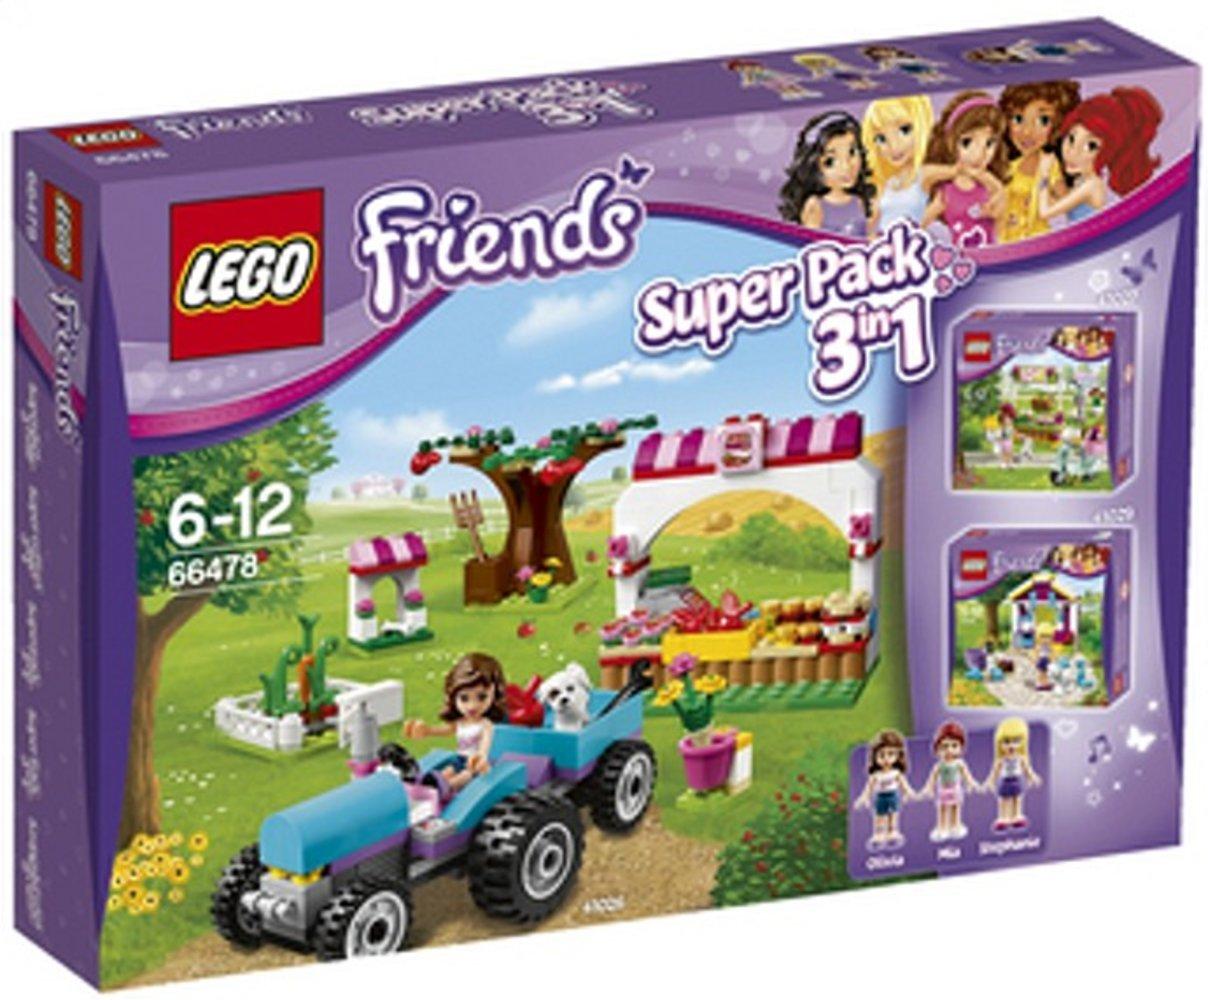 Friends Super Pack 3 in 1